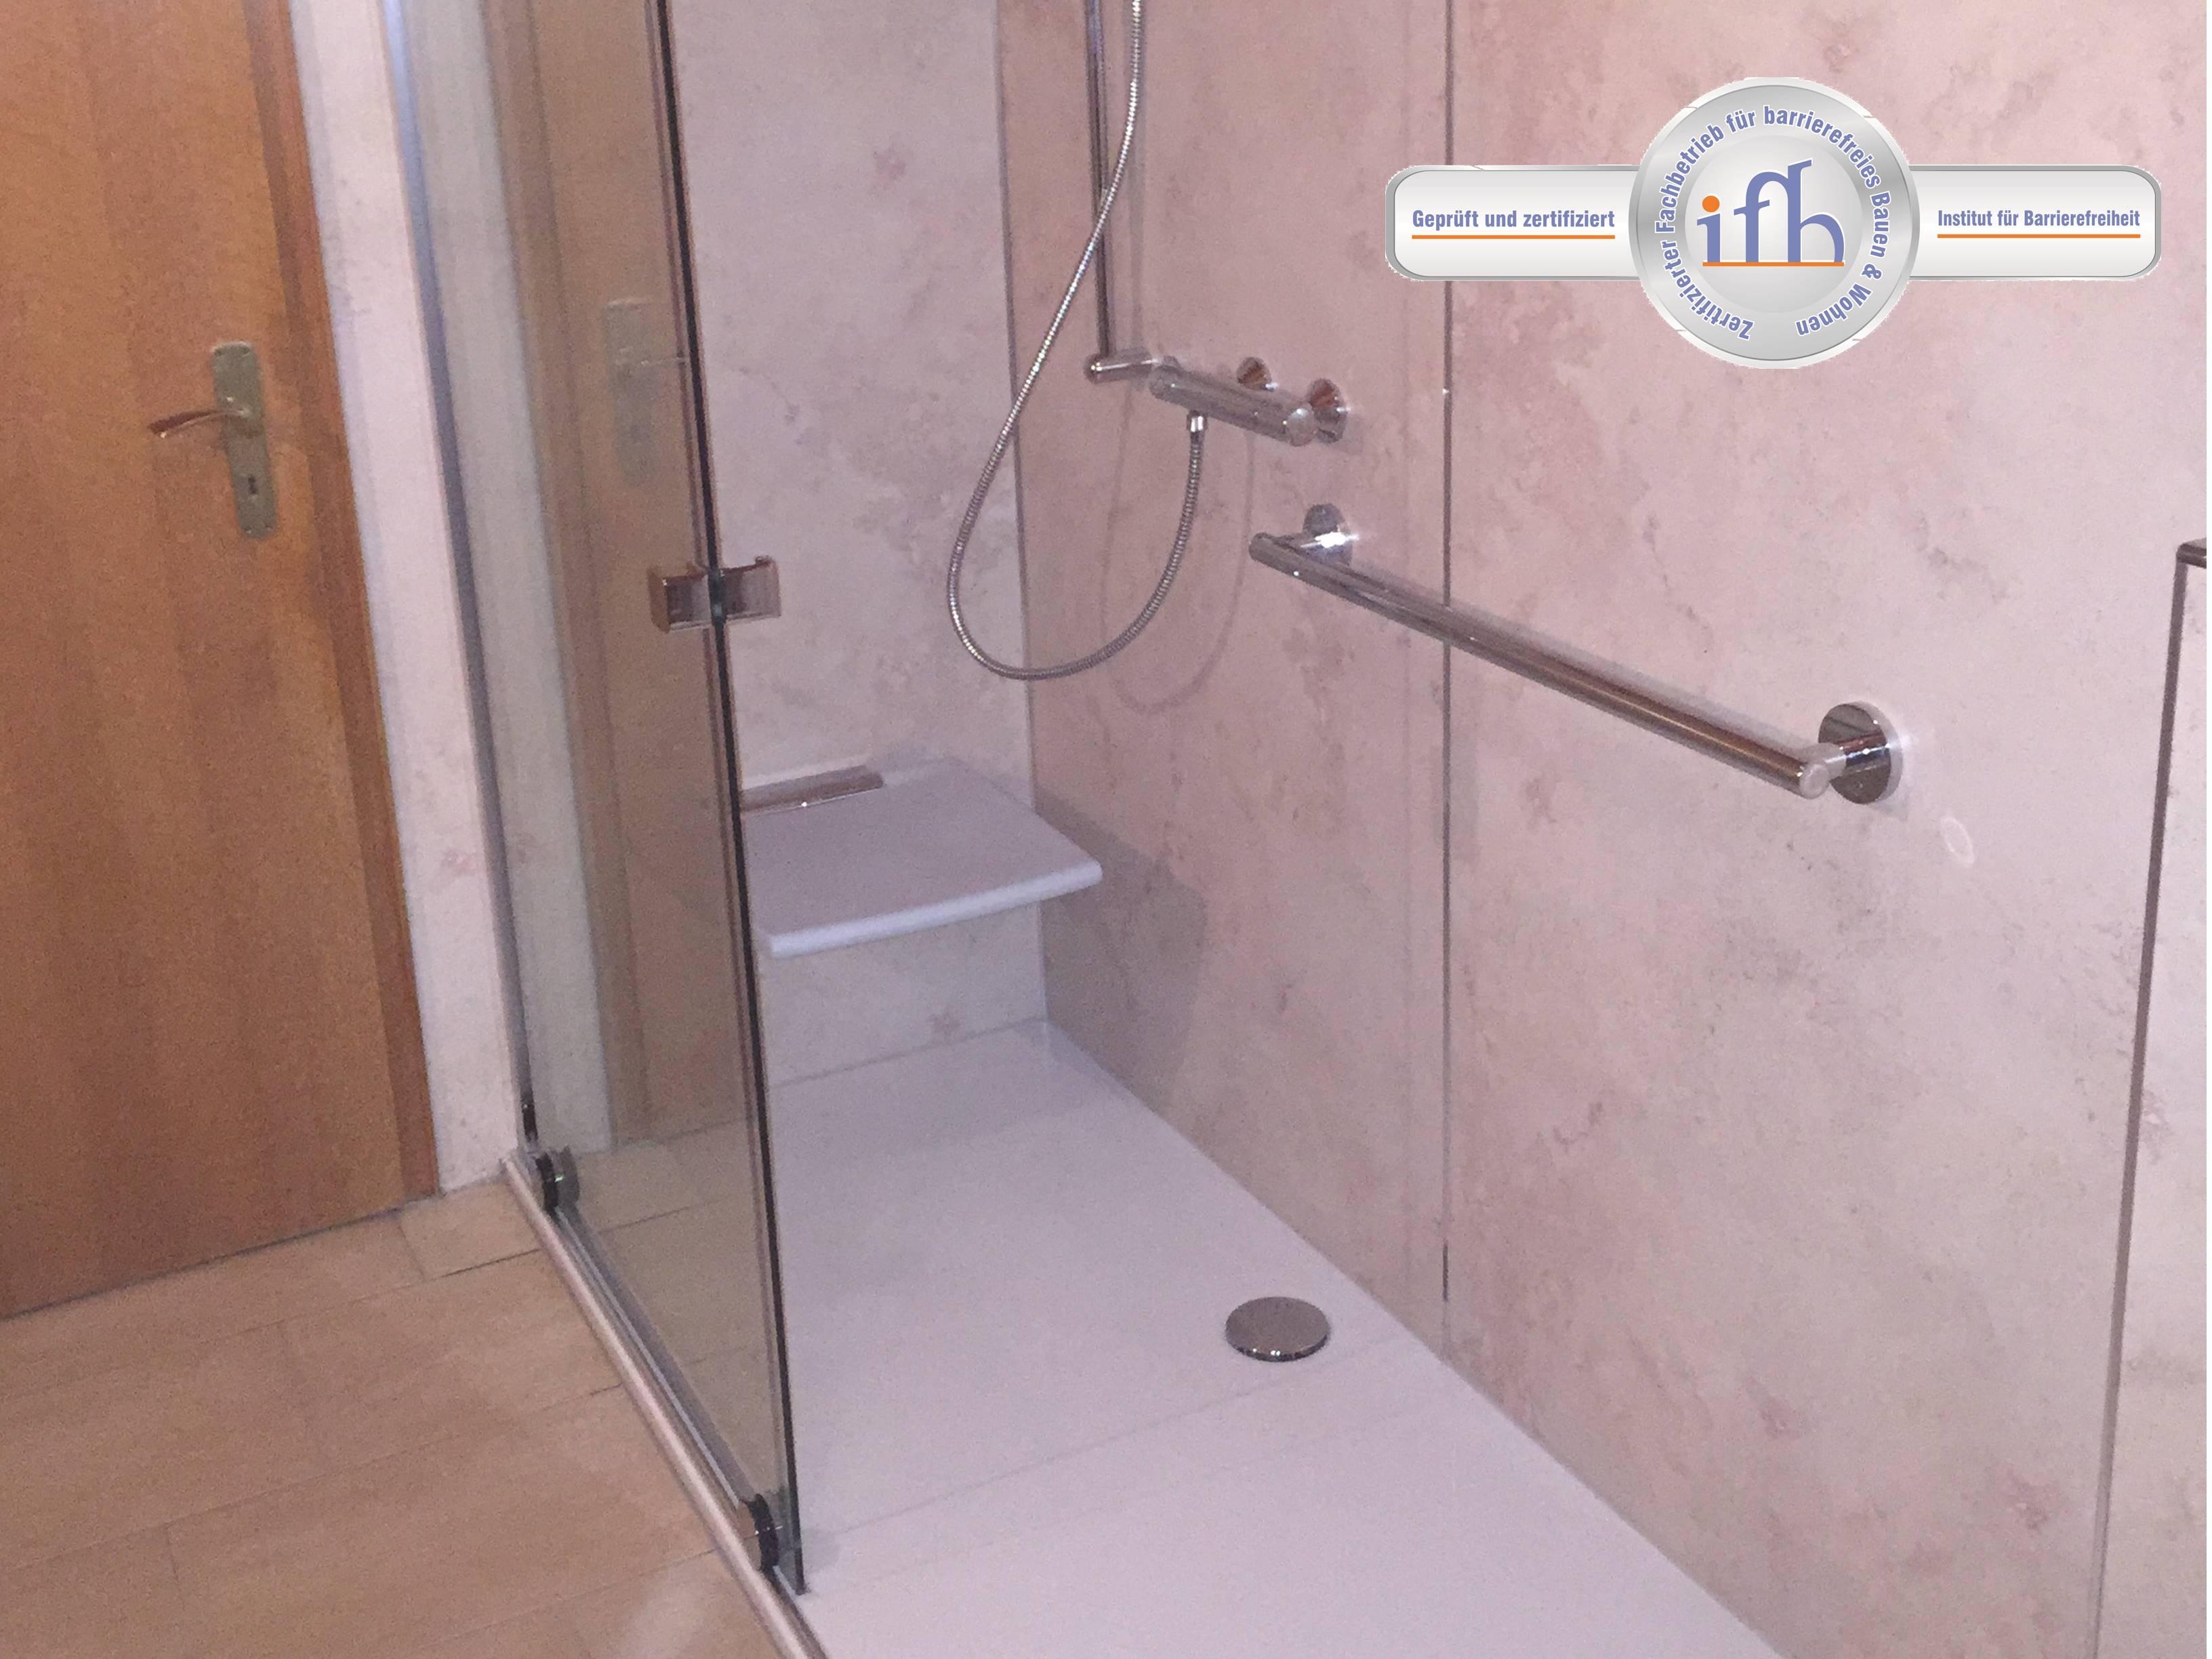 barrierefreie badezimmer was bedeutet das. Black Bedroom Furniture Sets. Home Design Ideas